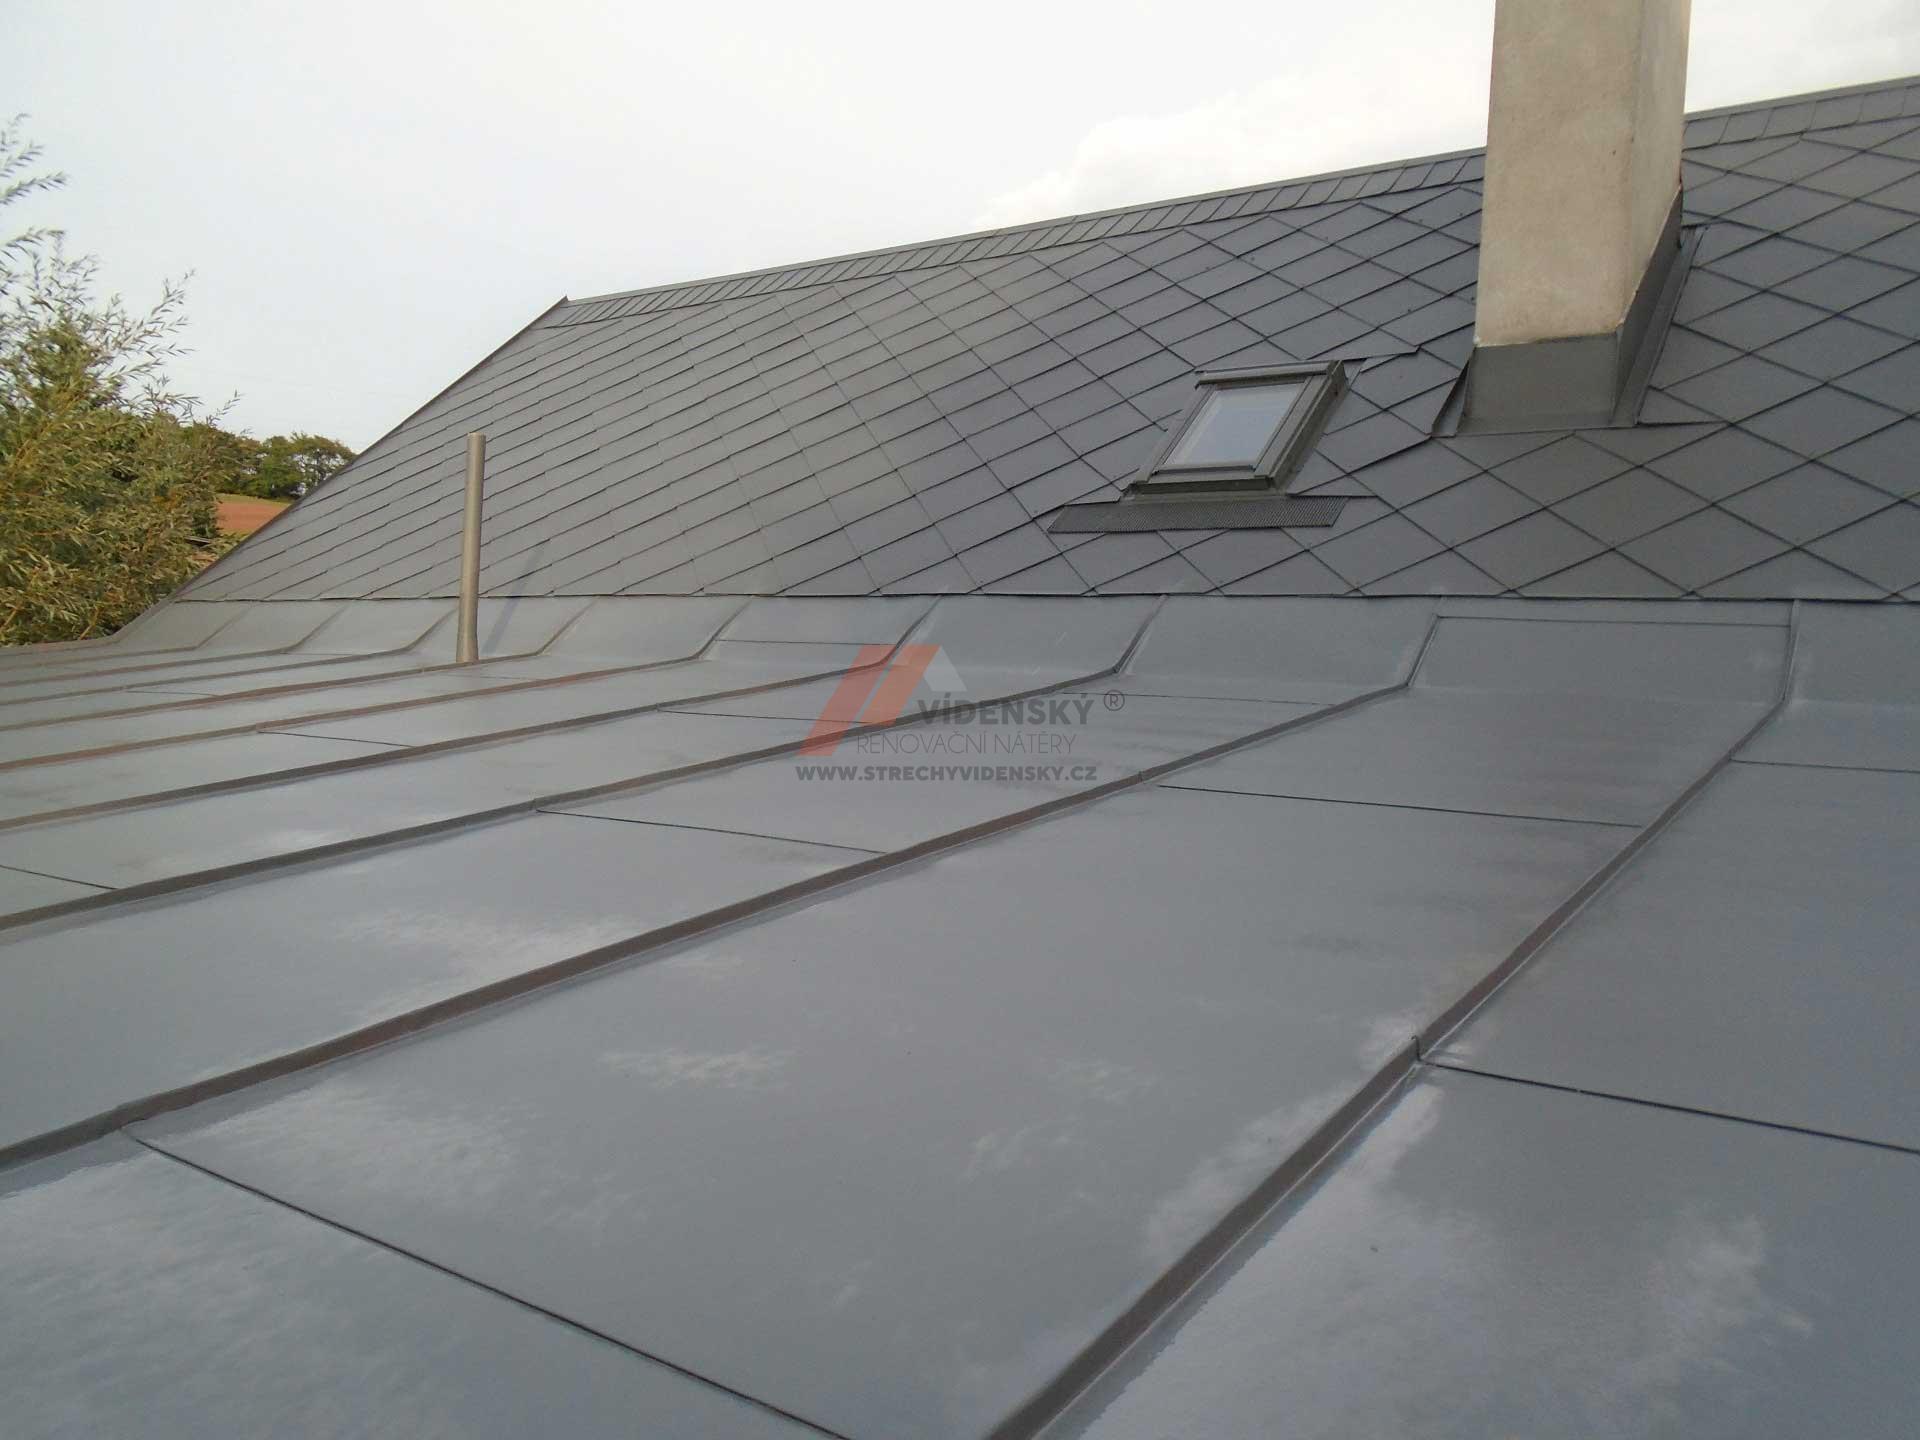 Vídenský | Renovační nátěr plechové střechy 05 - Po renovaci